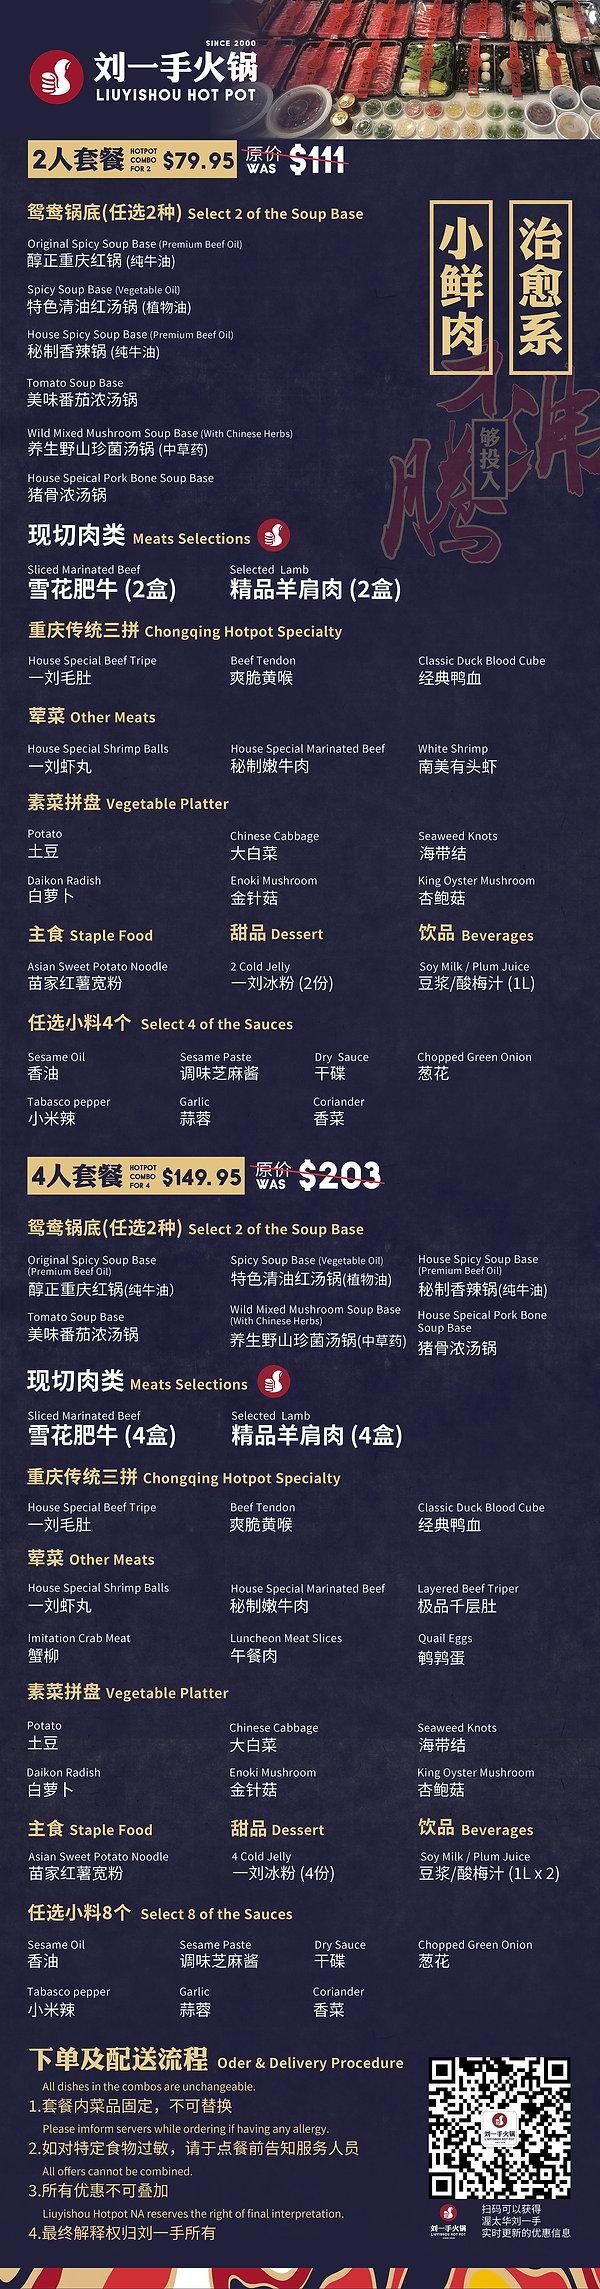 刘一手-Ottawa-外卖菜单-Apr.17-2020.JPG